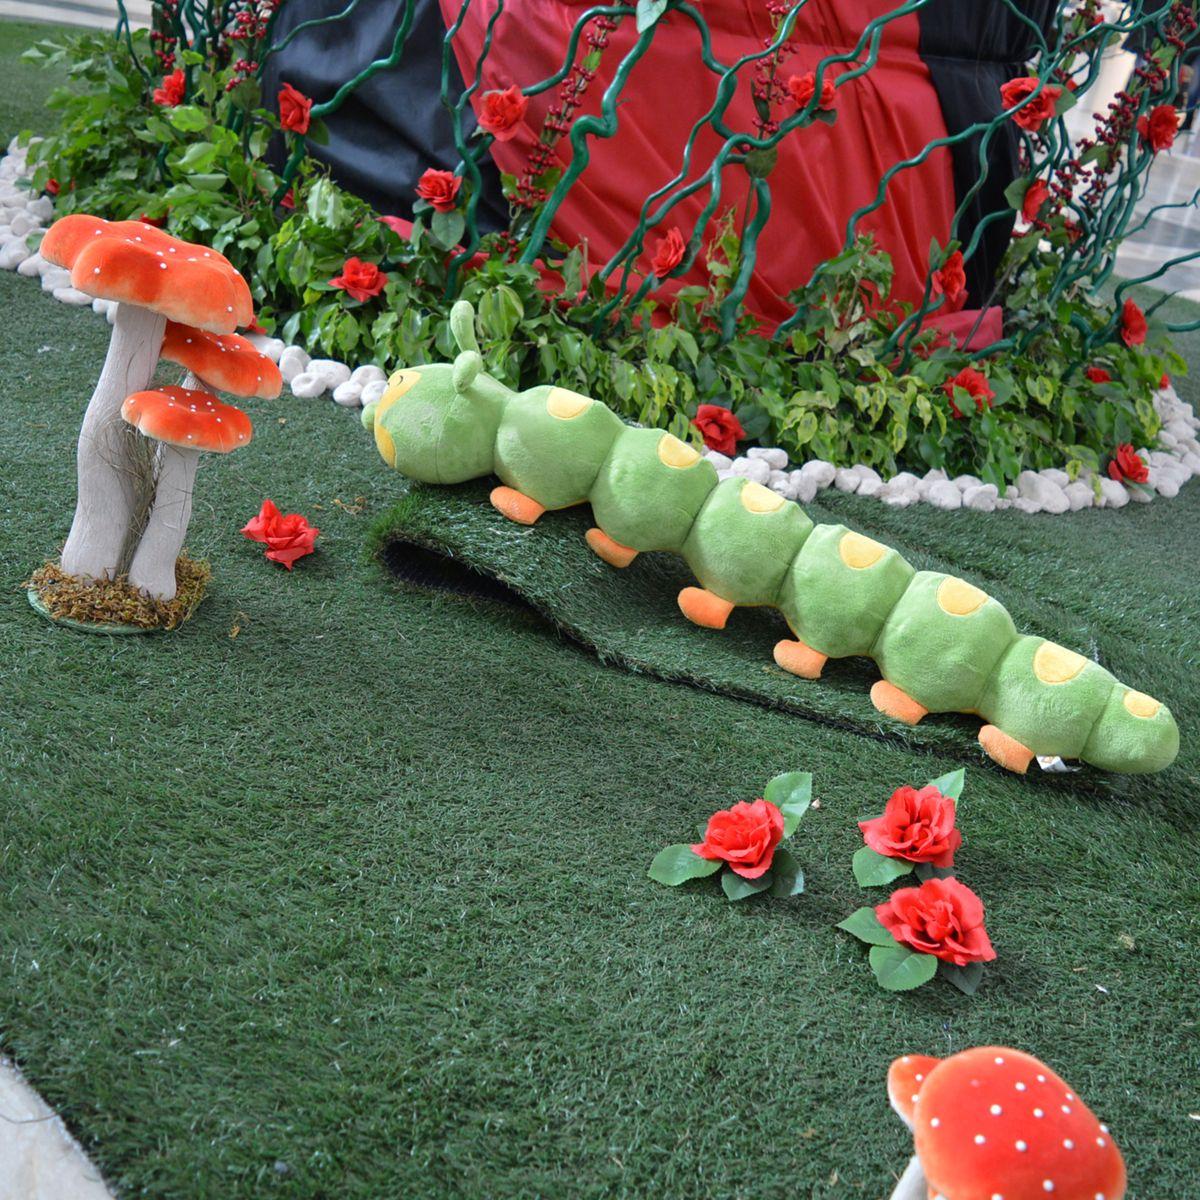 Il set ispirato ad #AliceNelPaeseDelleMeraviglie: il #Brucaliffo, le rose e gli immancabili funghi. #AliceInWonderland #Caterpillar